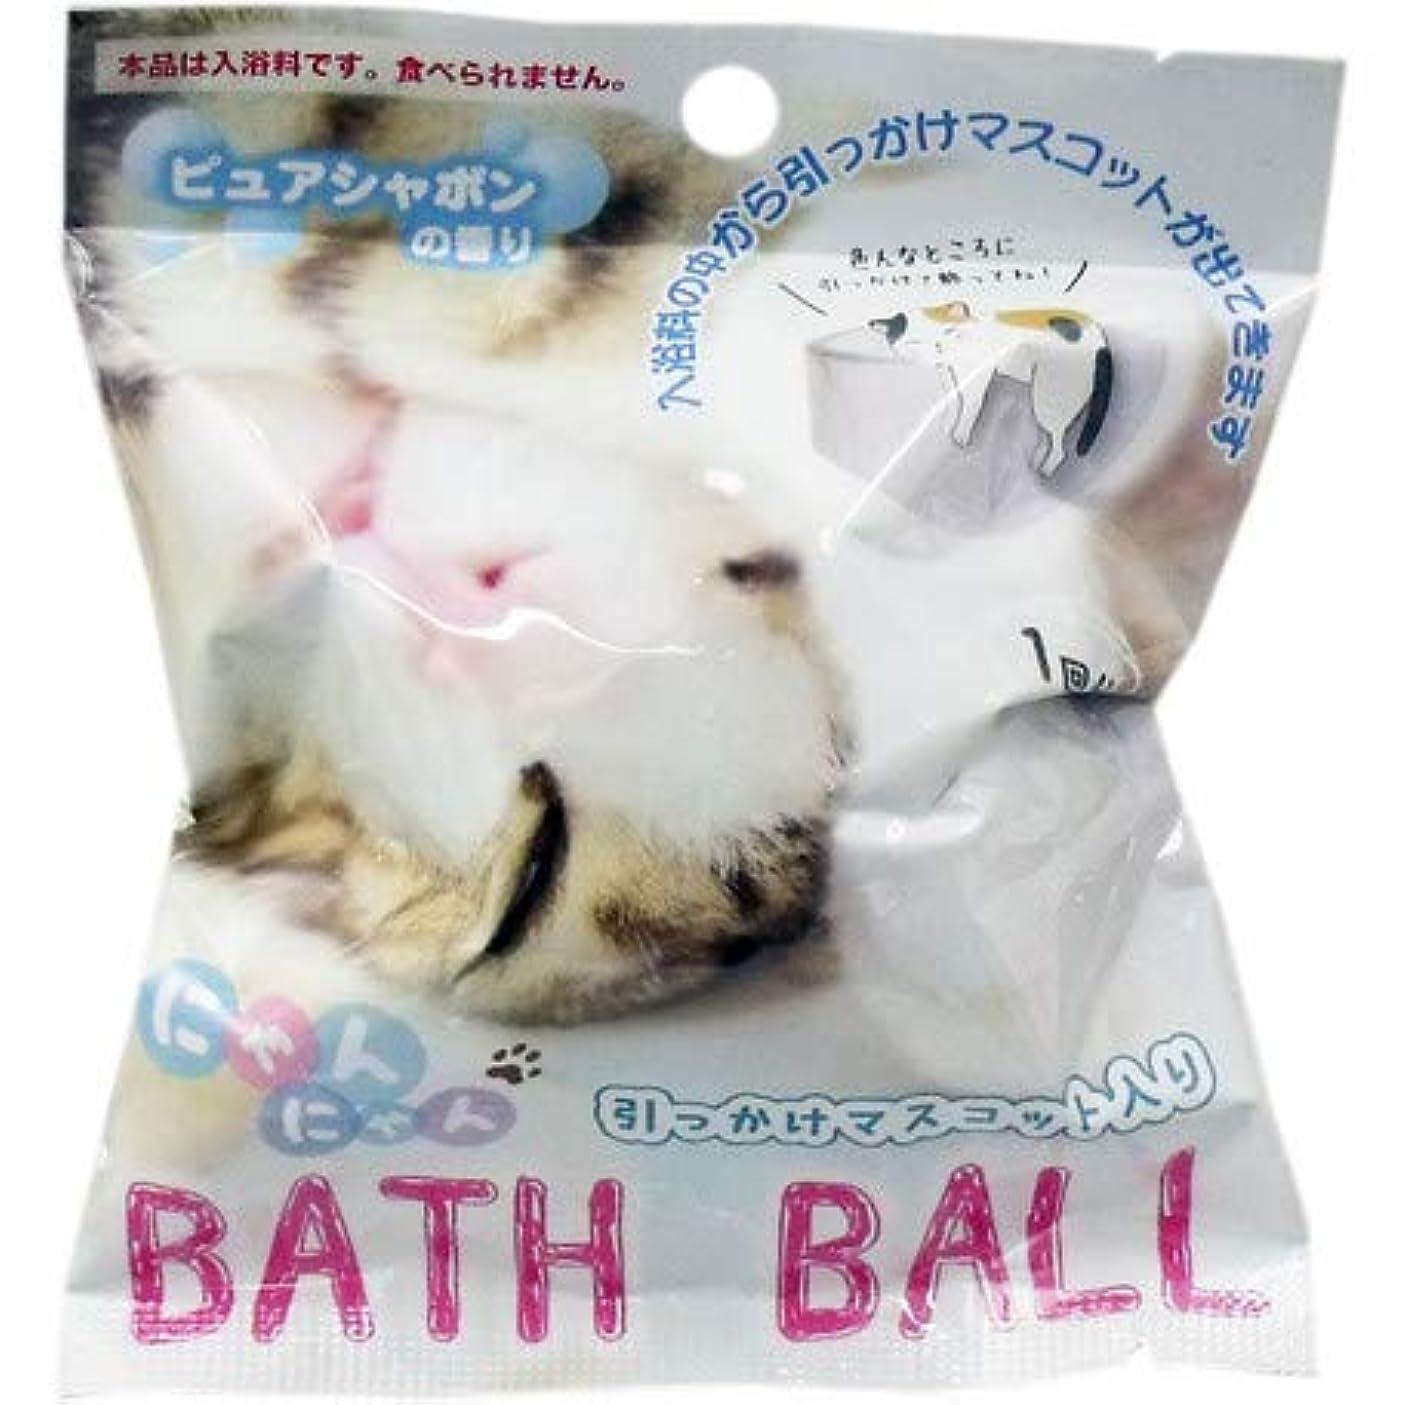 専門に対してまさににゃんにゃん引っかけマスコット入 猫のバスボール 6個1セット 入浴剤 発泡タイプ